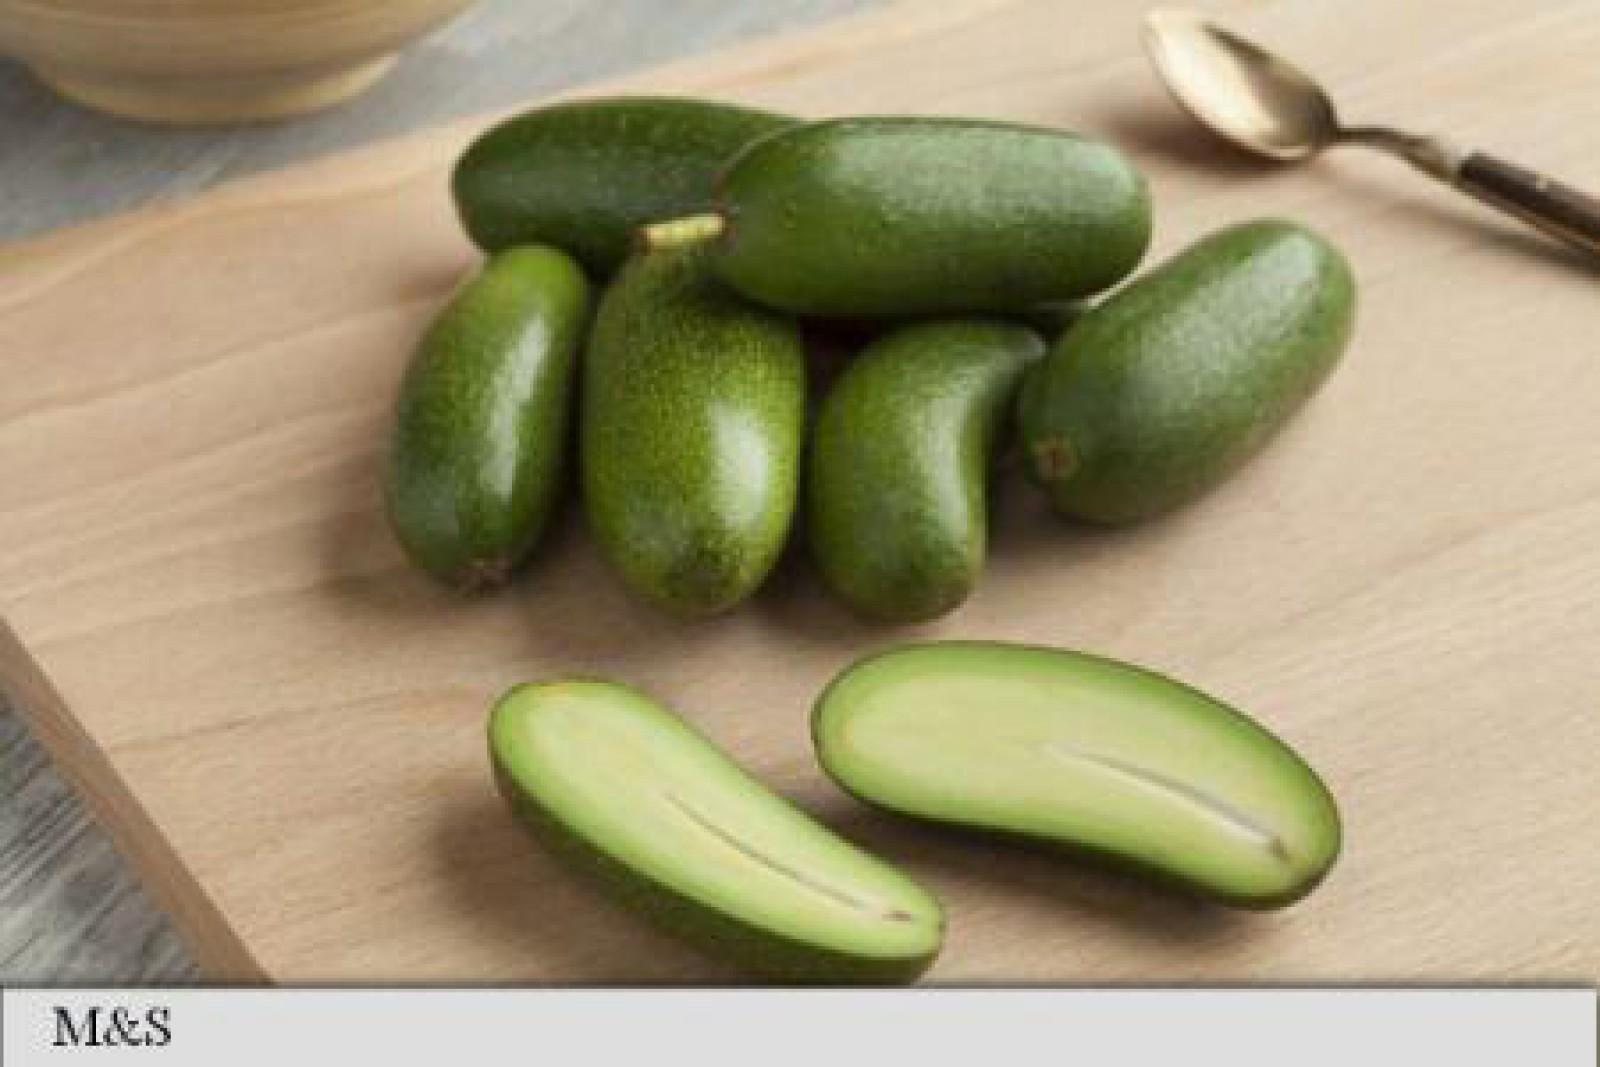 Fructe de avocado fără sâmburi, vândute de Crăciun în magazine din Marea Britanie